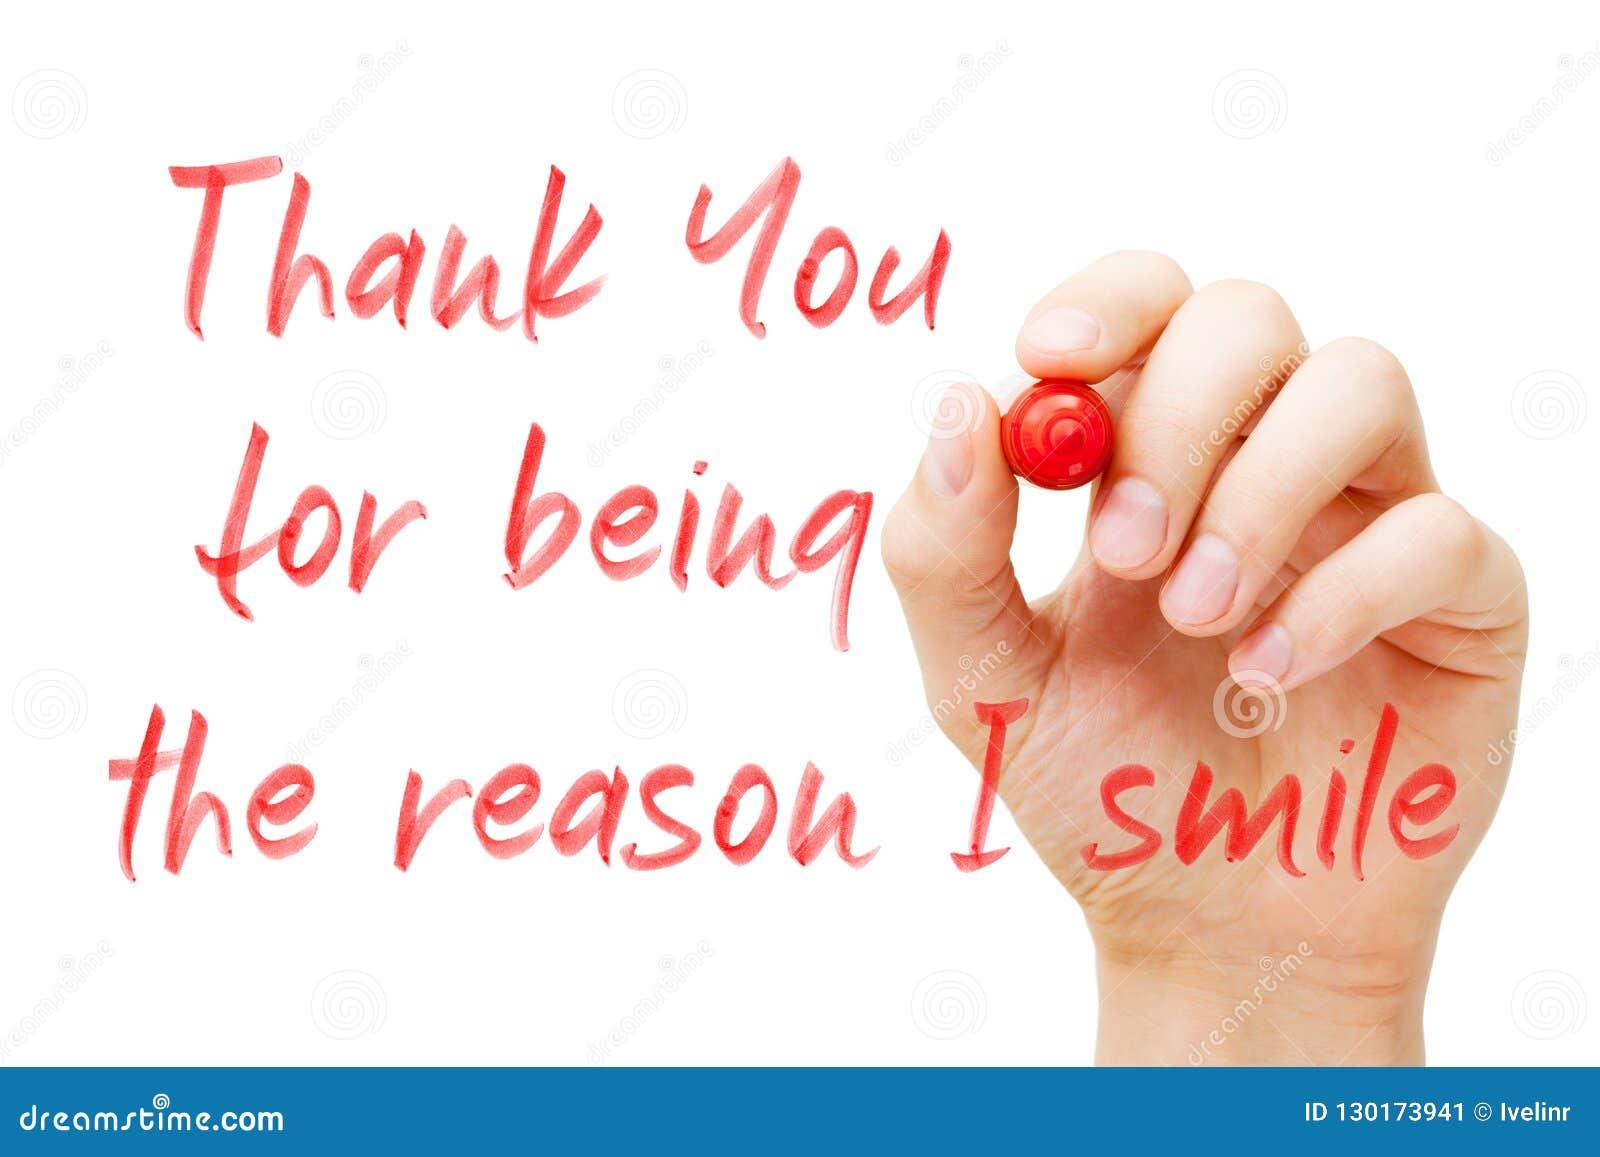 Σας ευχαριστώ για την ύπαρξη ο λόγος που χαμογελώ